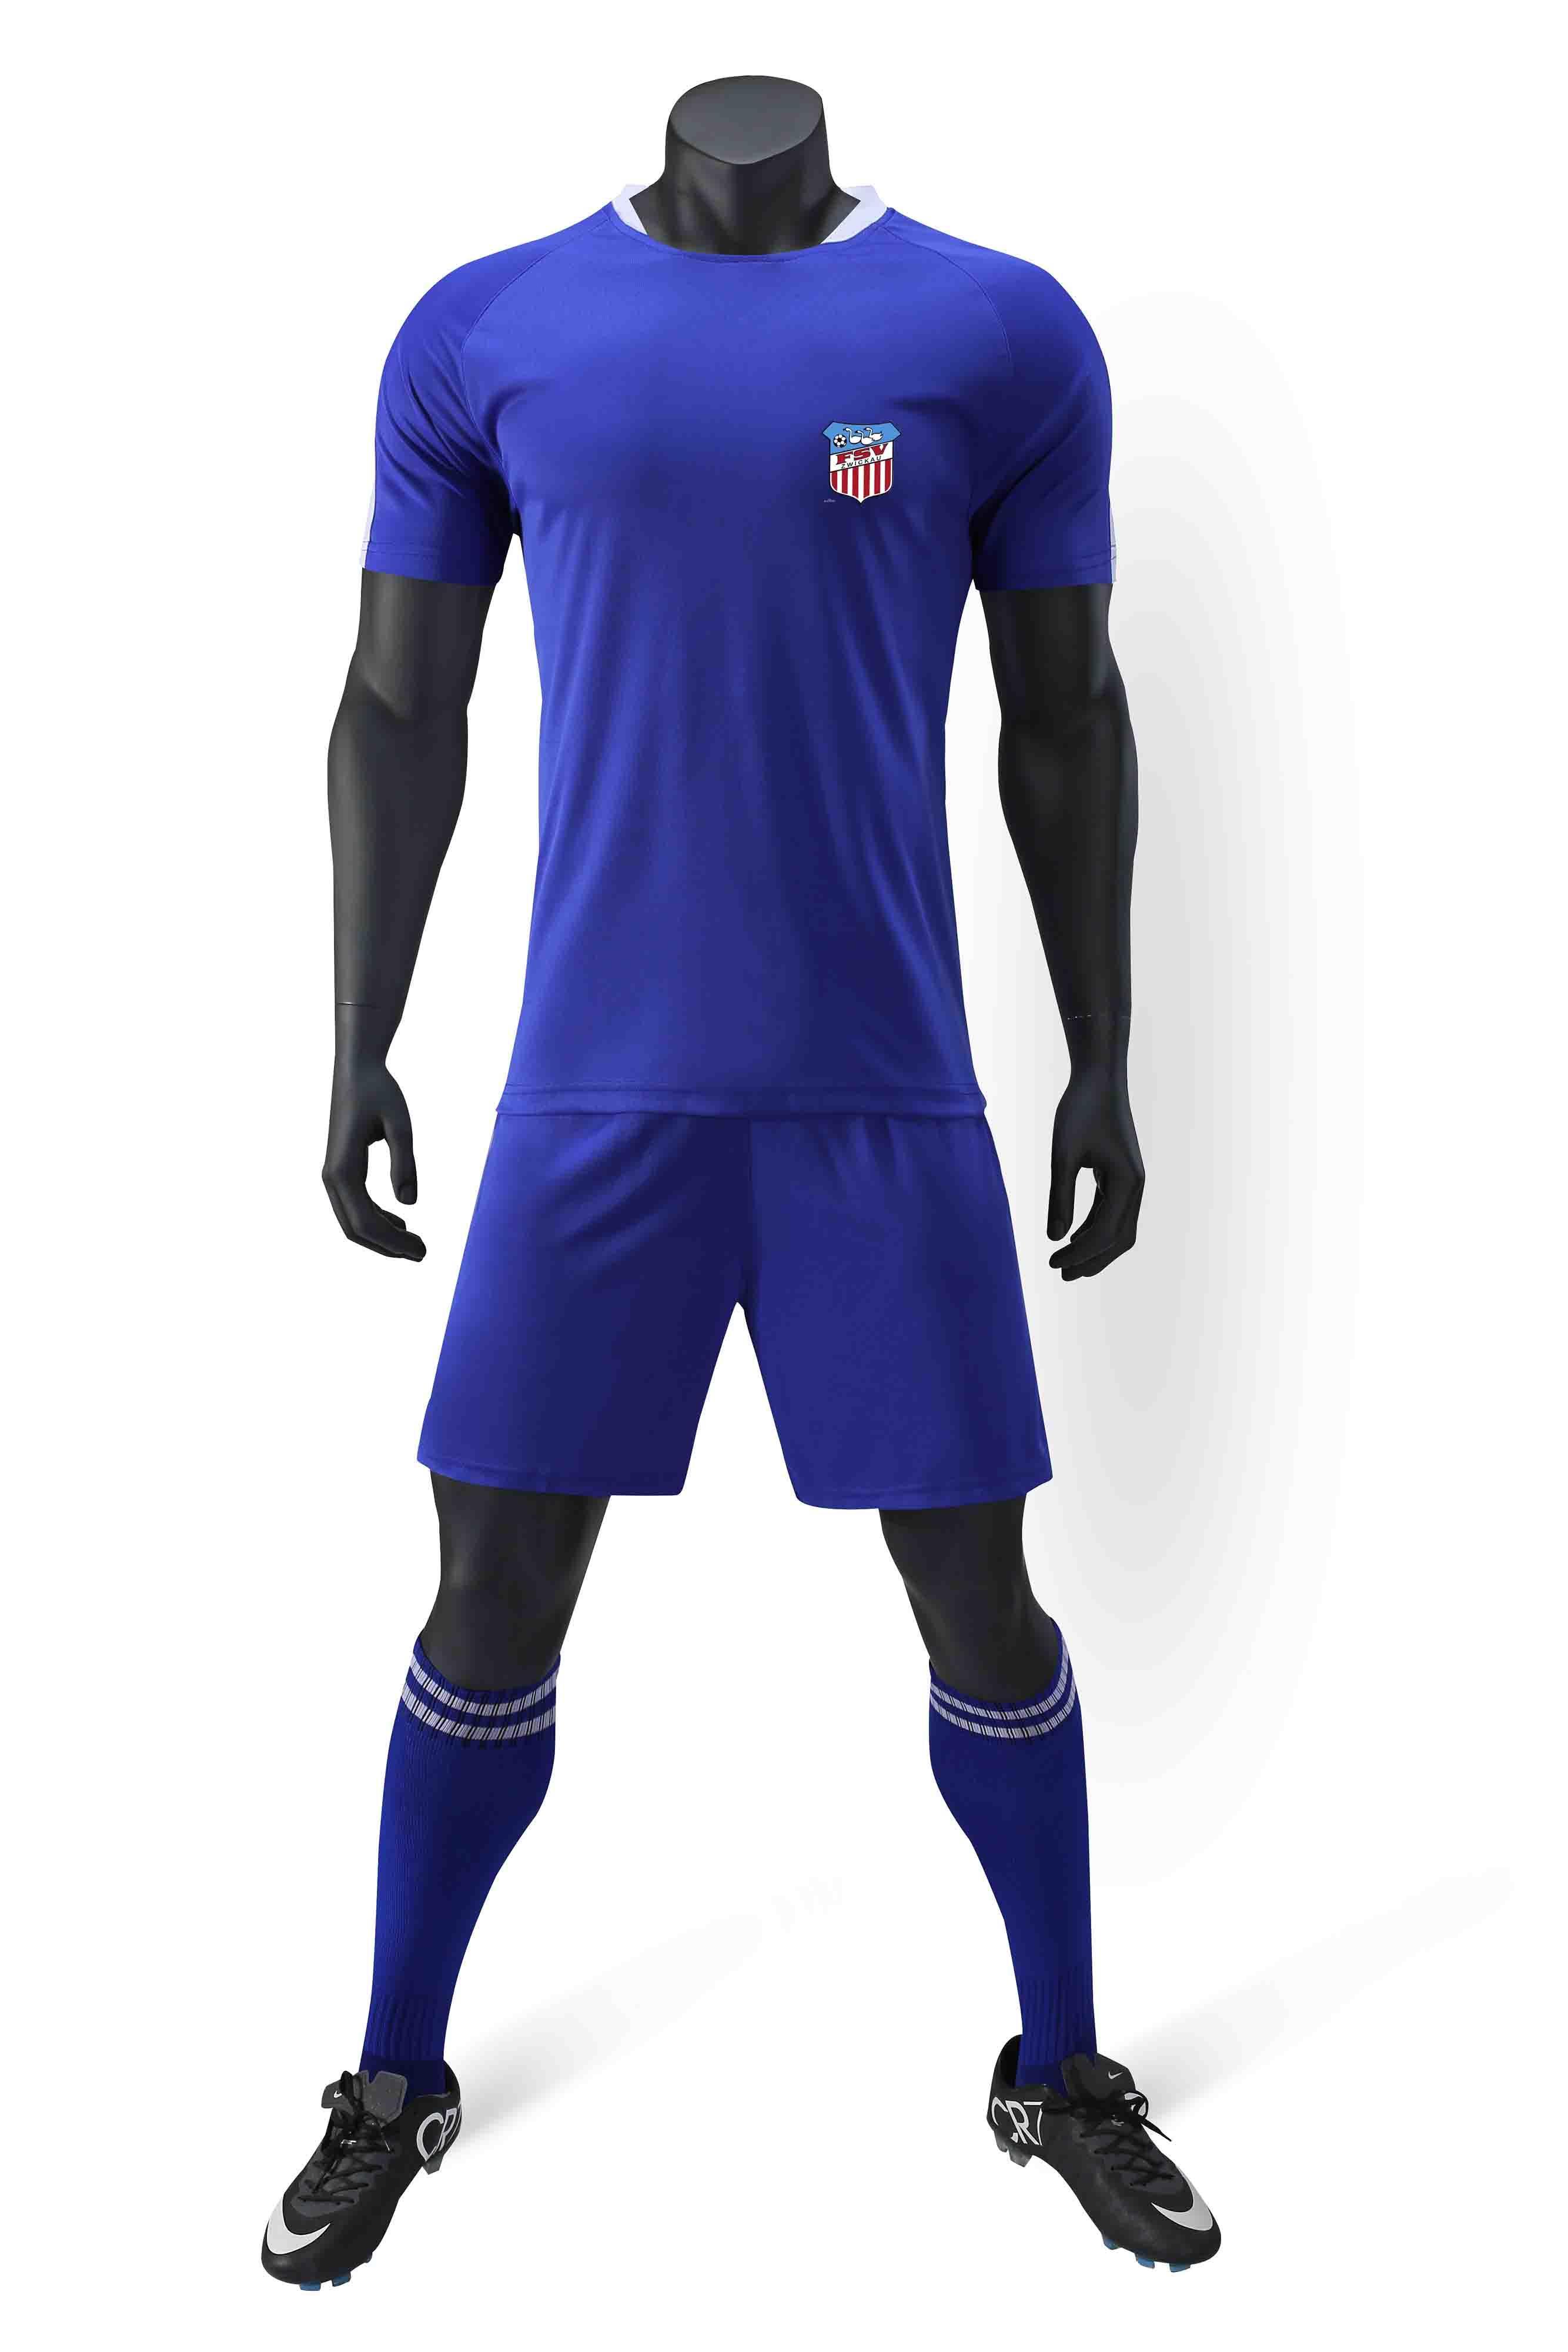 Ф Цвиккау 100% полиэстер спорт нового шаблона случайных футболки футбол костюм обучение модного мужские футбольные костюмы